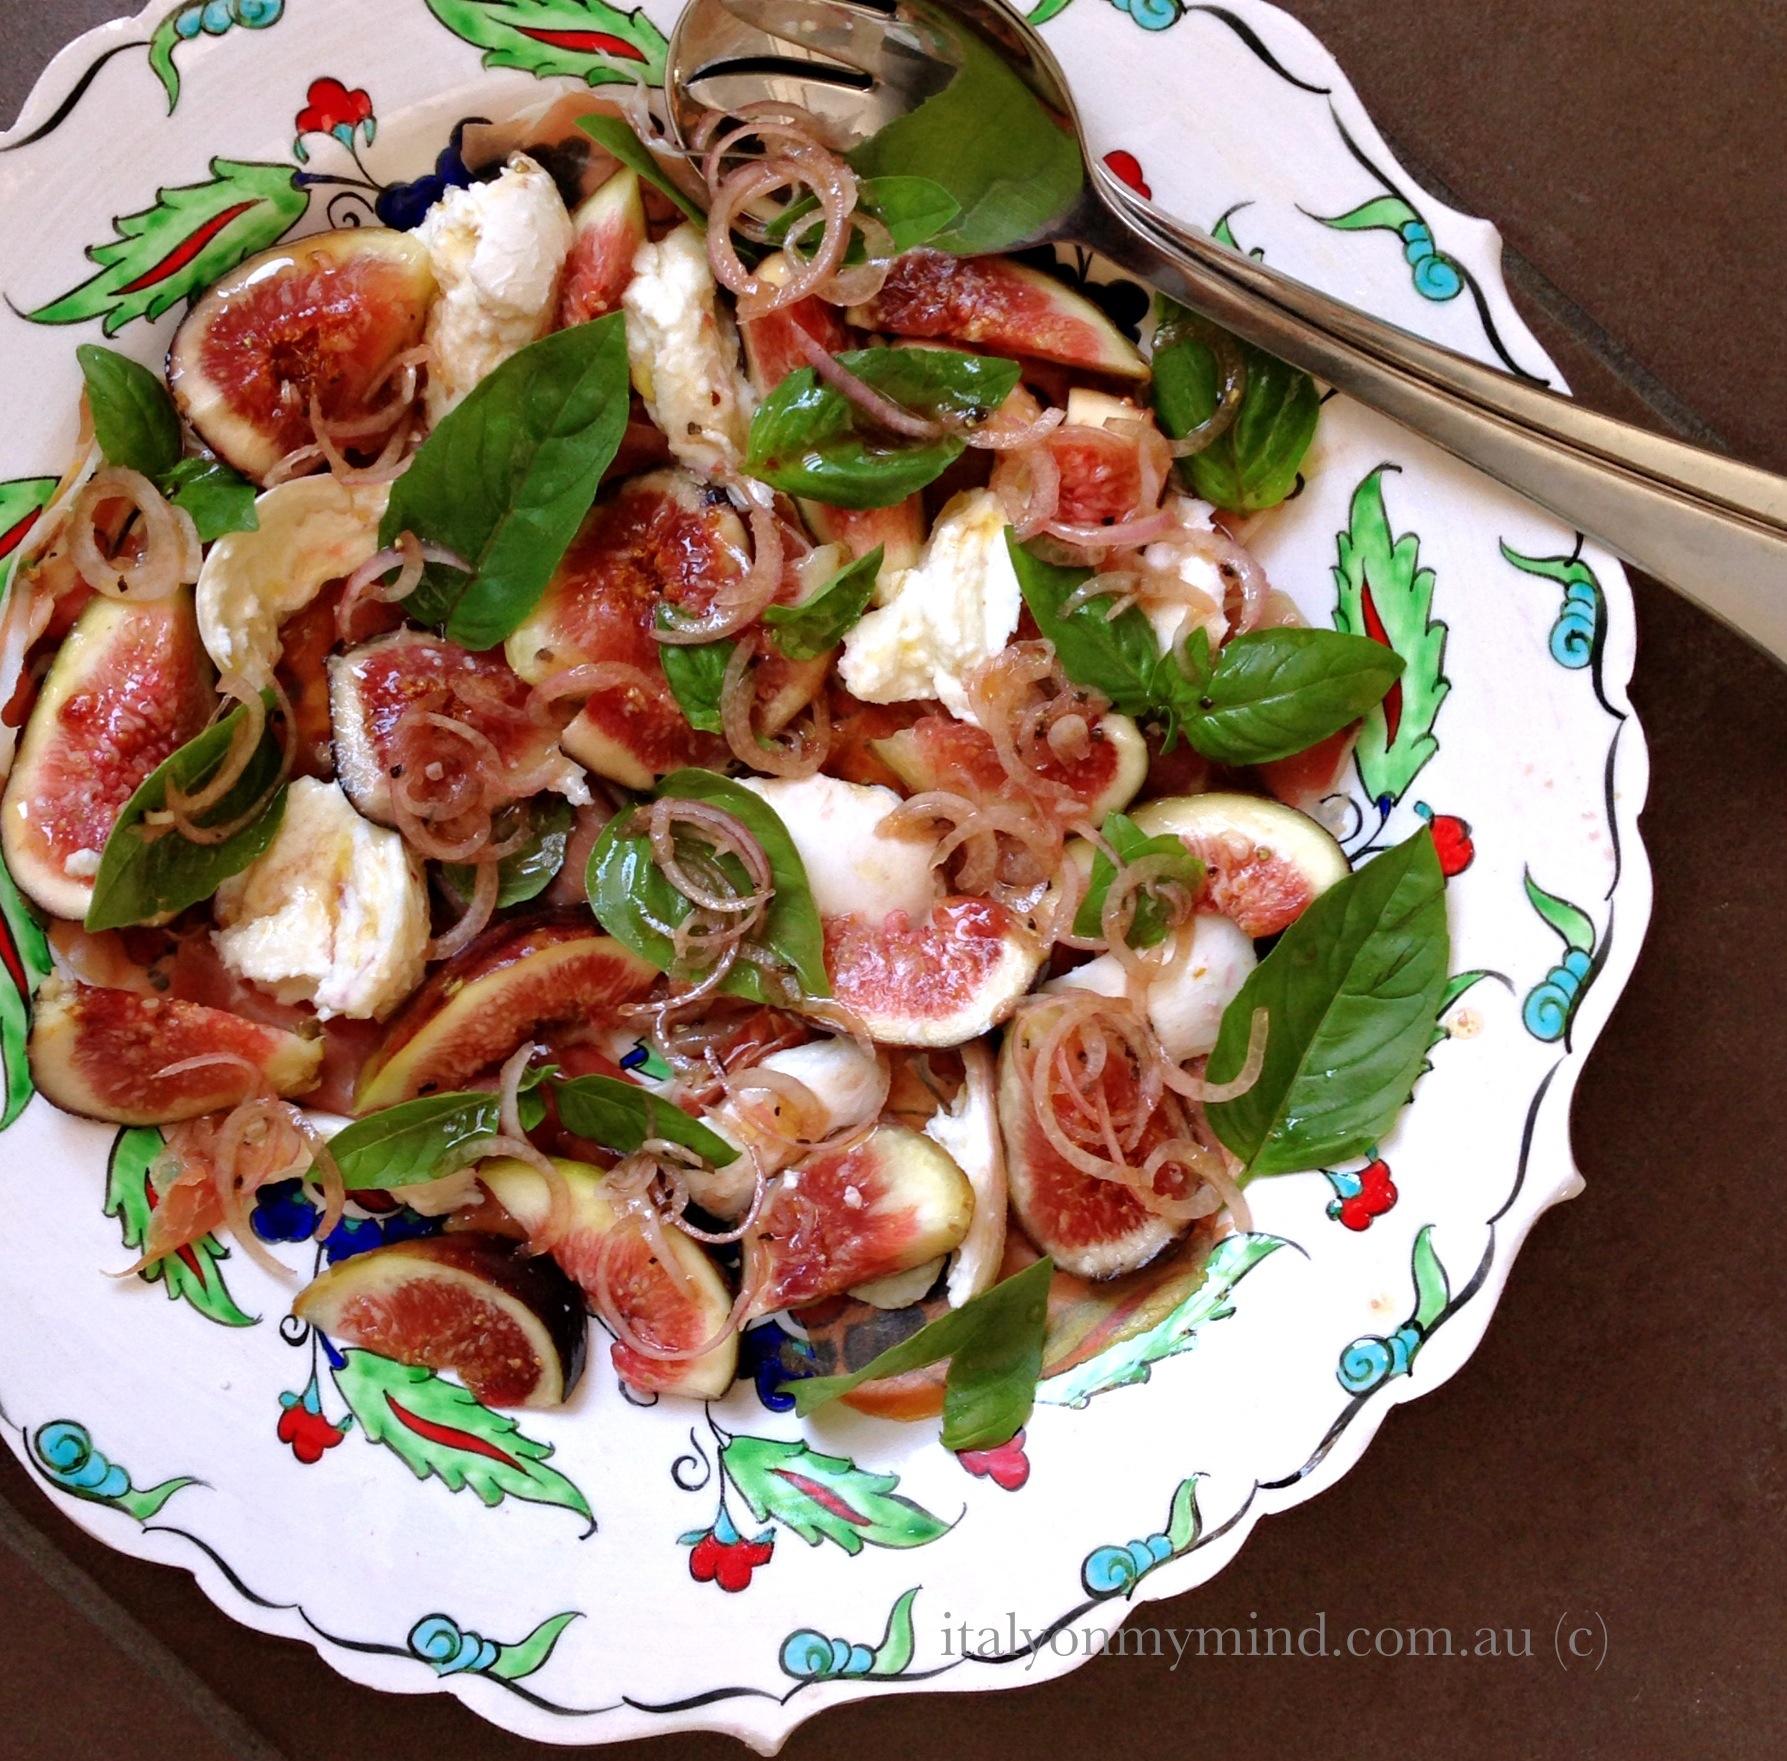 Fig madness – Salad of figs, prosciutto and buffalo mozzarella